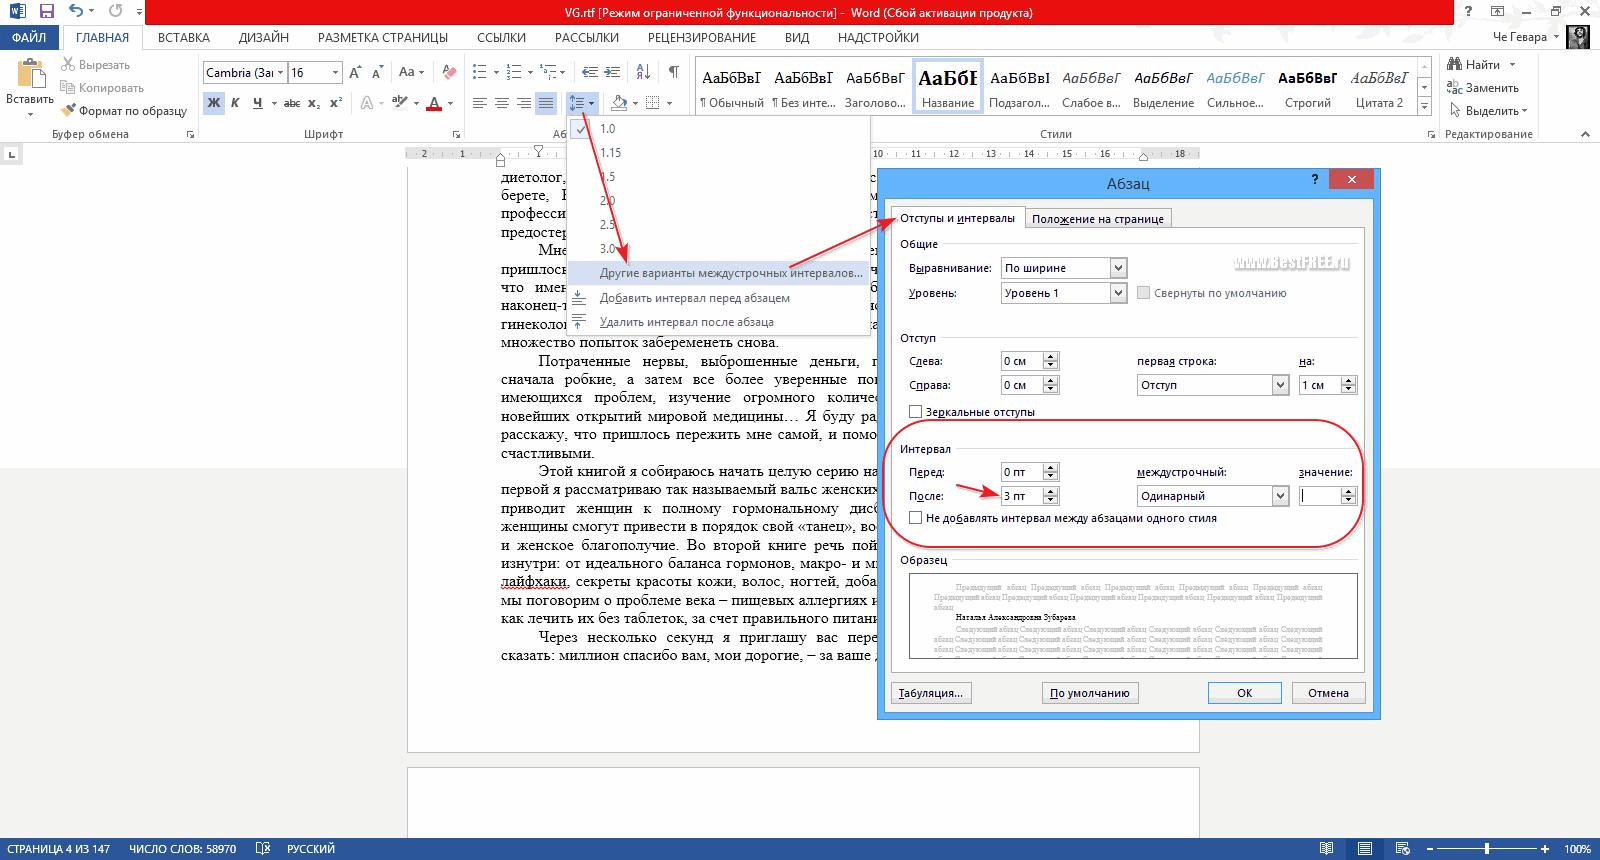 Как в ворде сделать интервал между абзацами 1.58